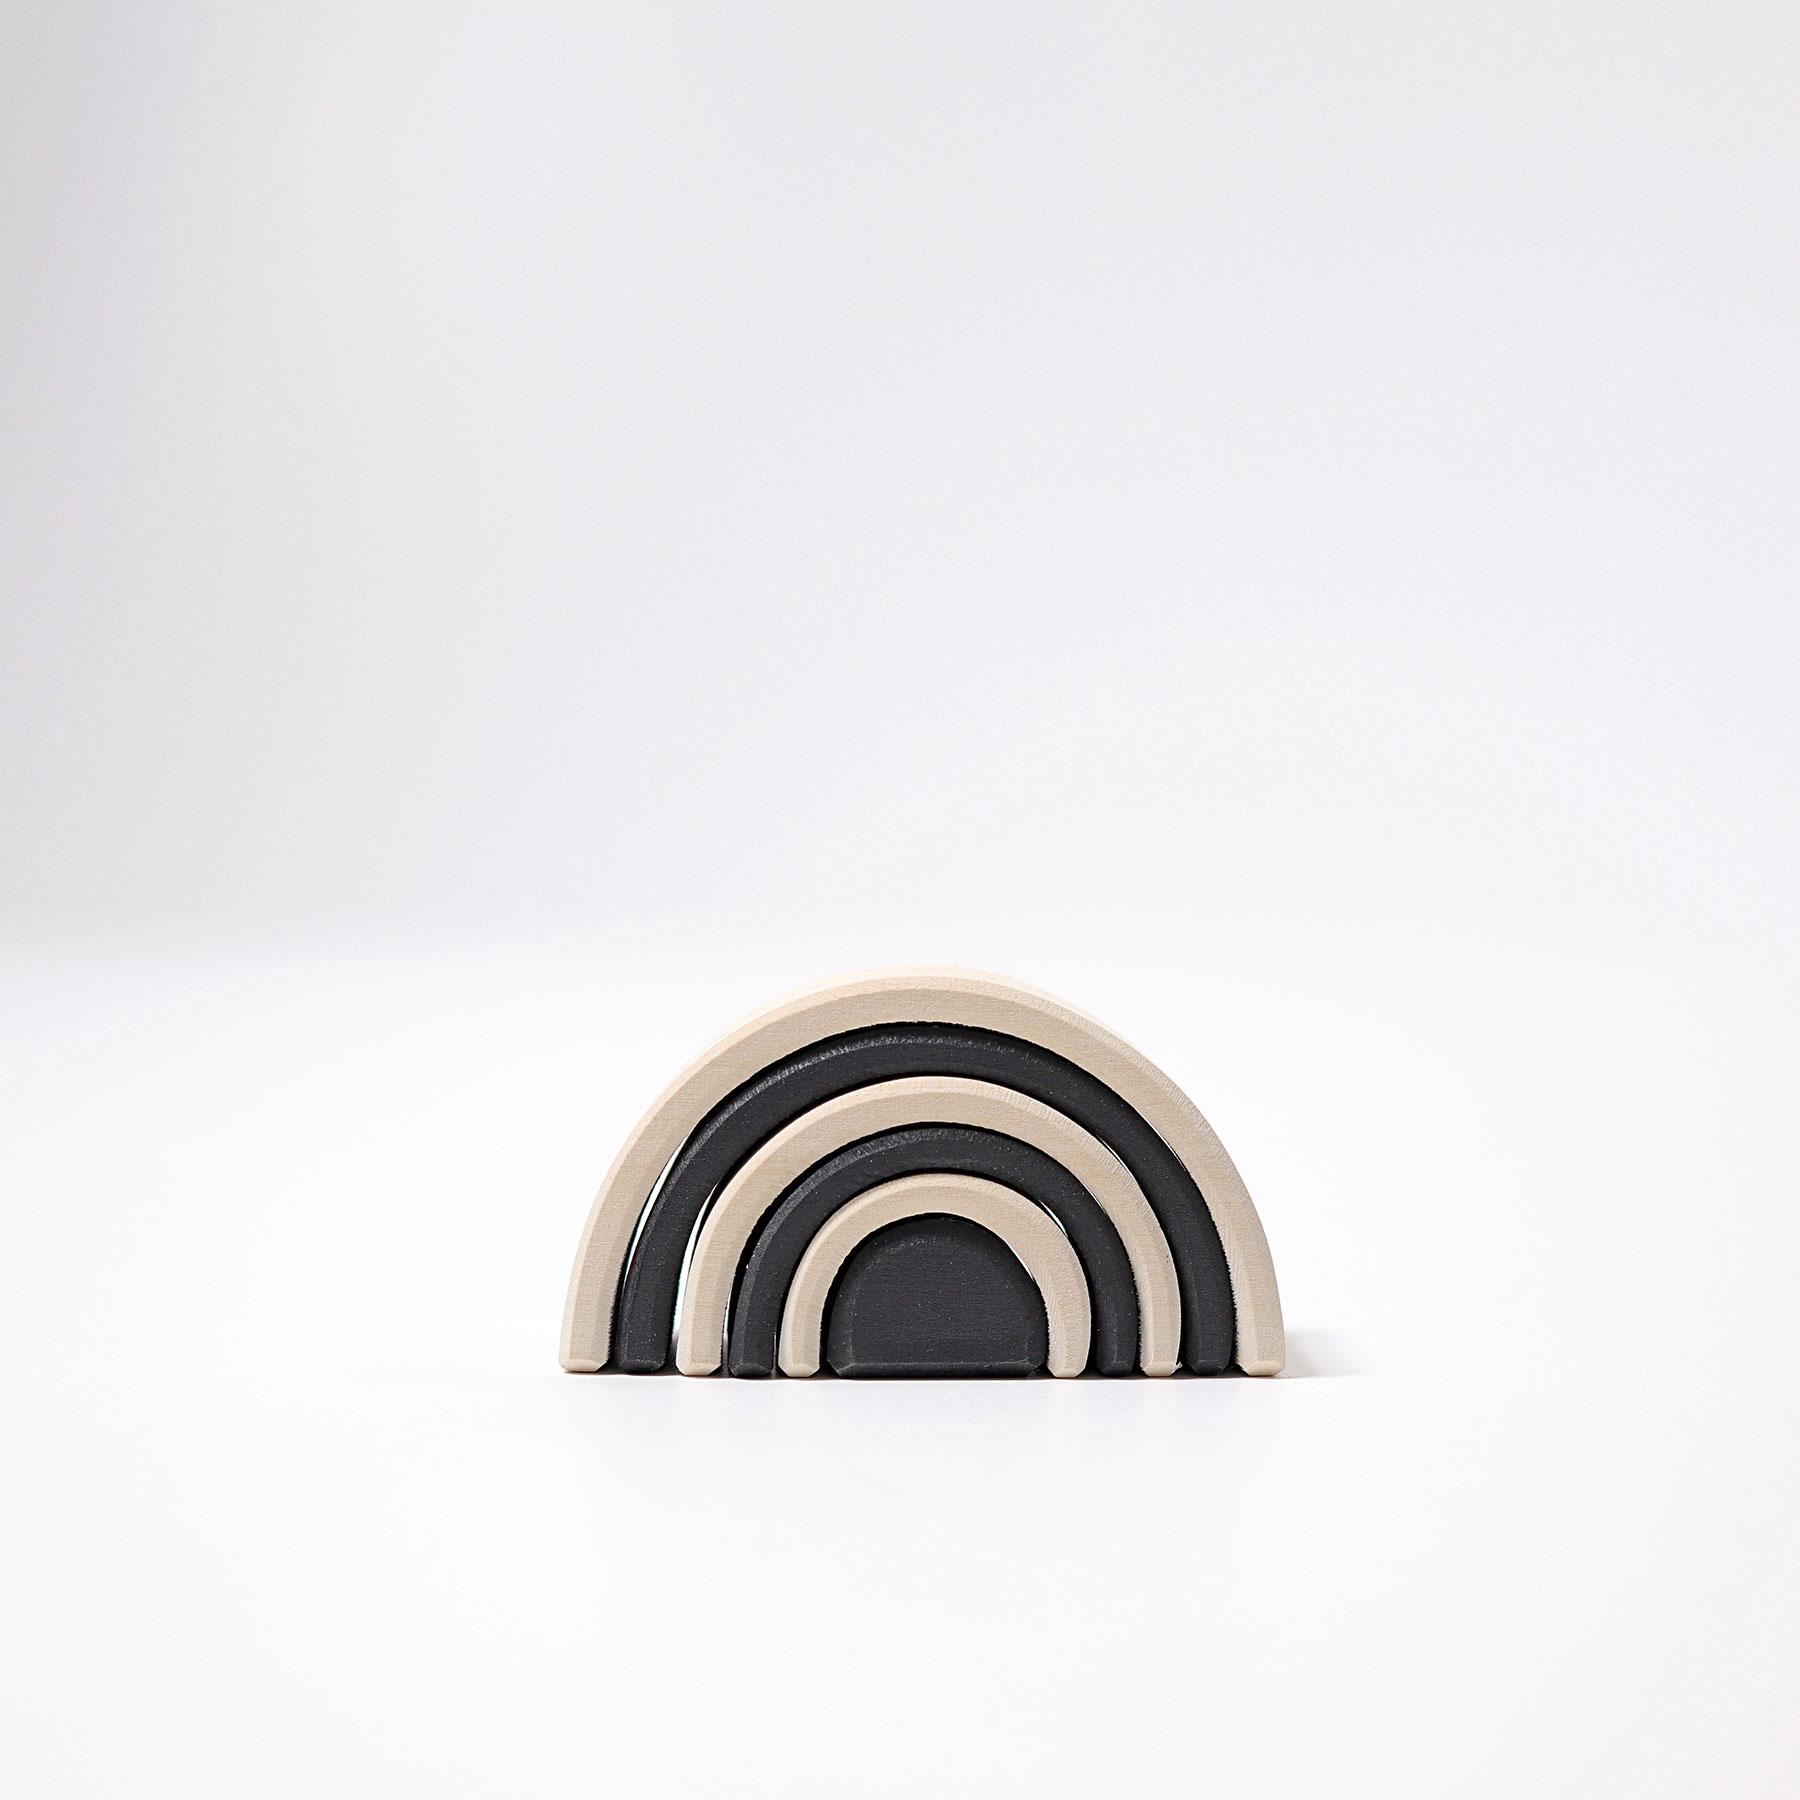 Kleines Bogenspiel monochrom